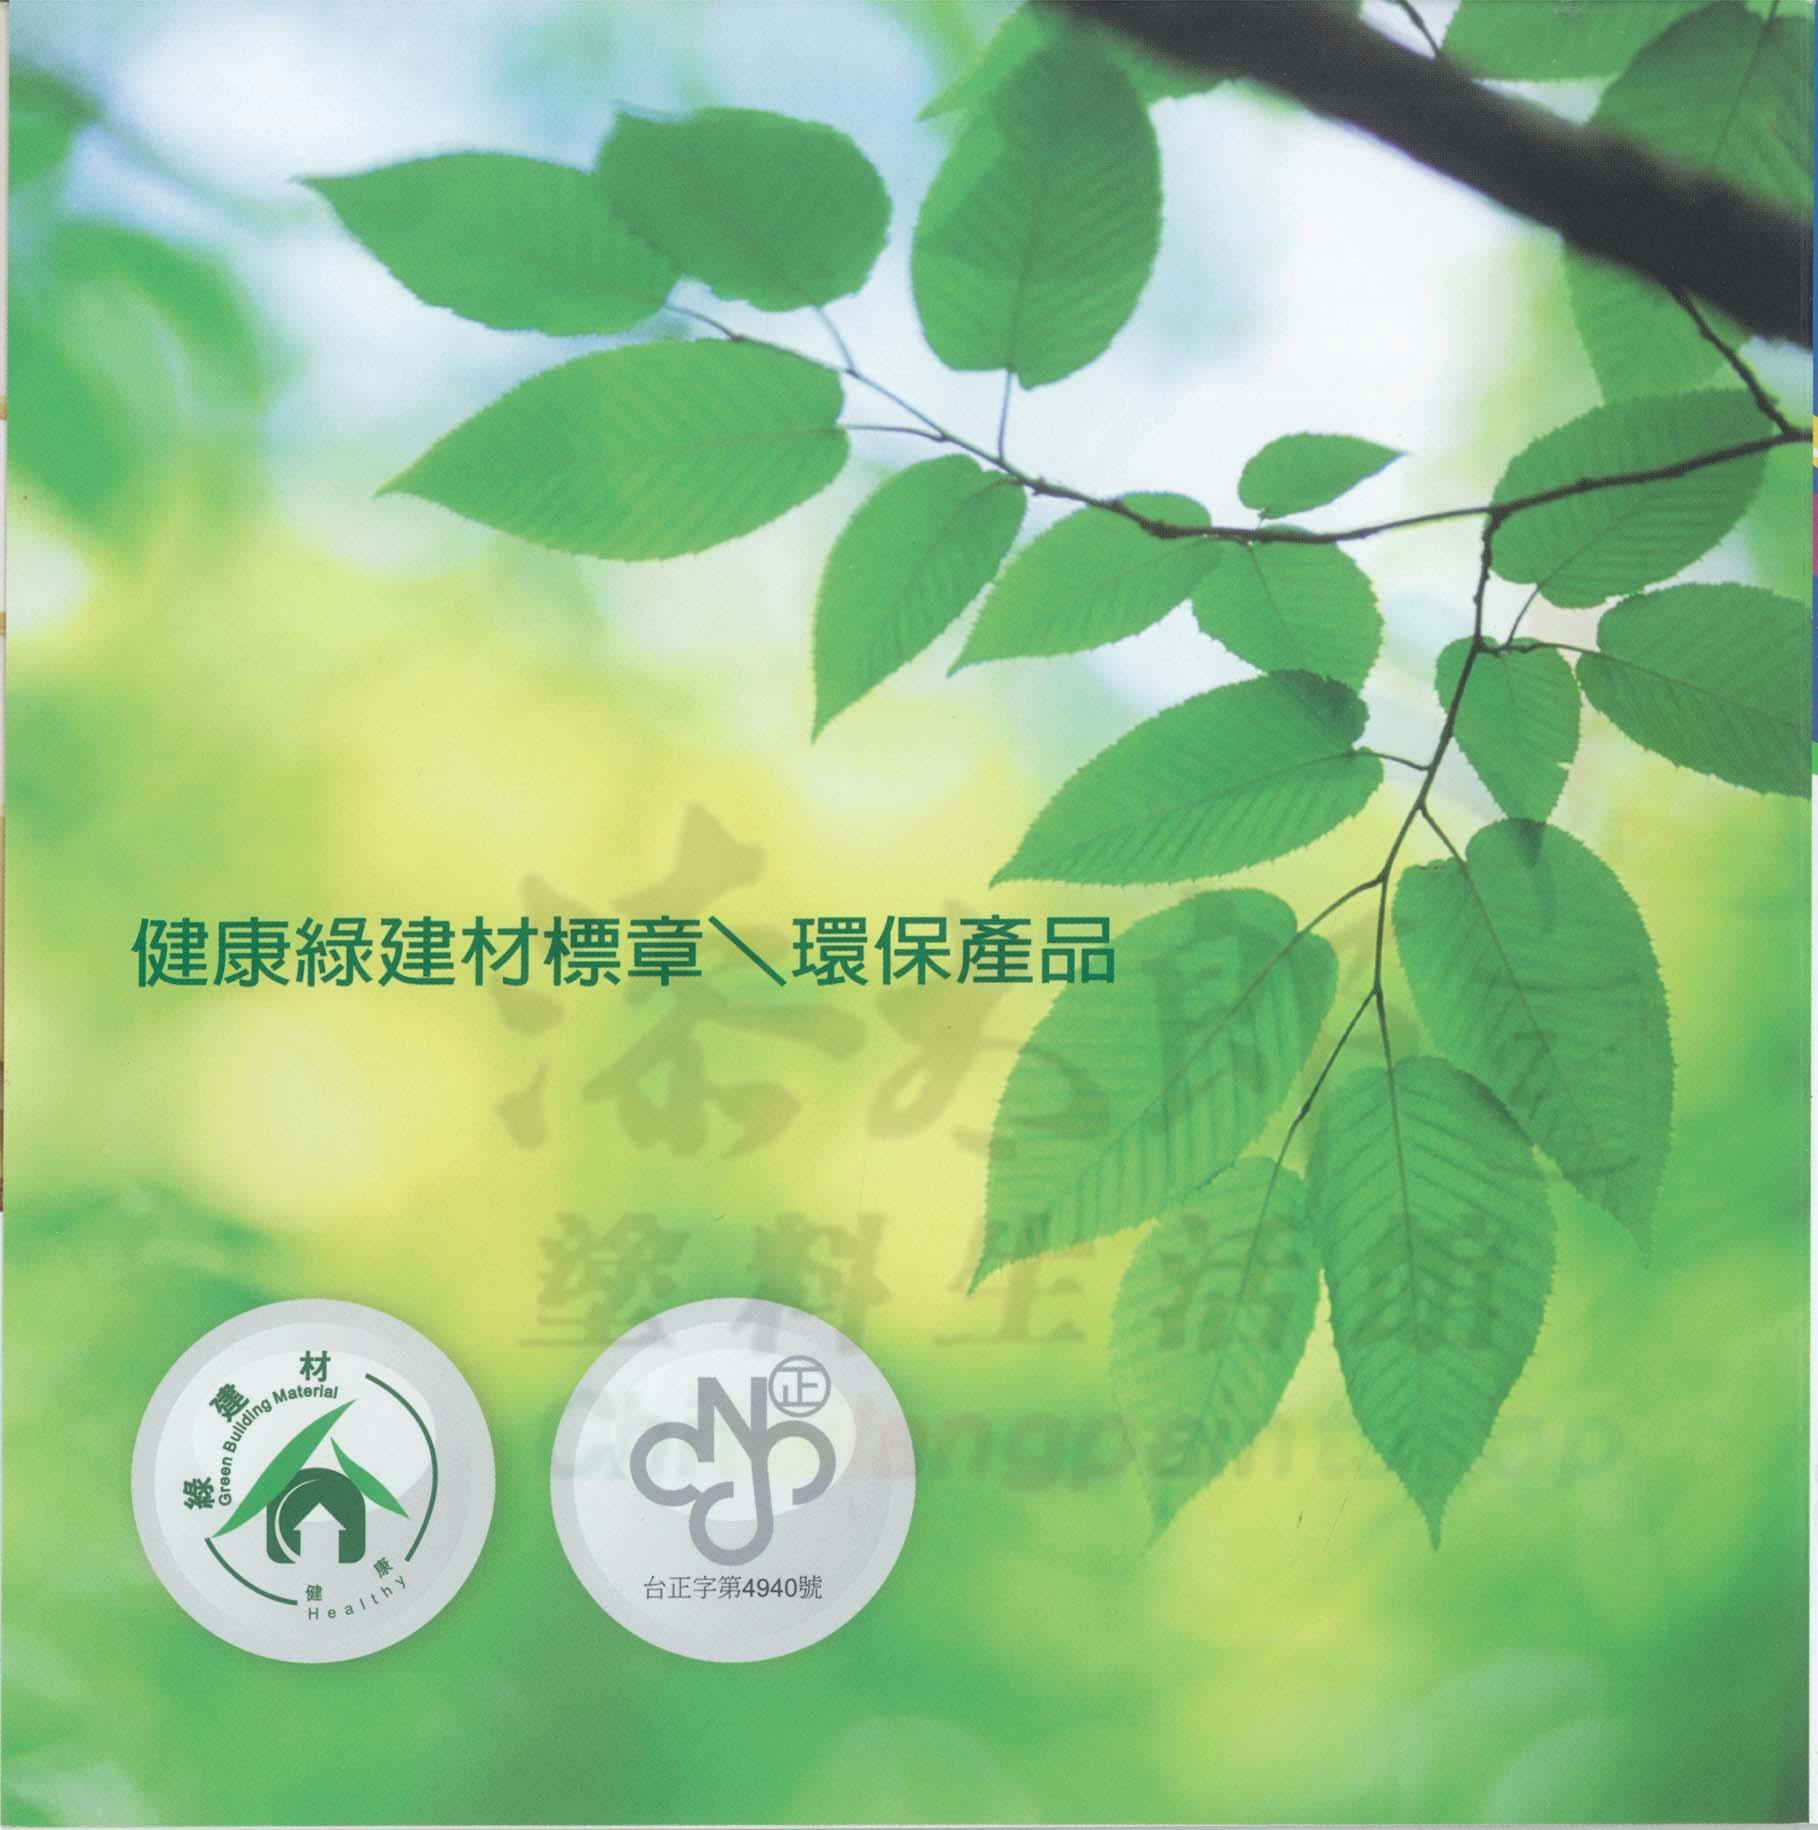 【漆太郎】虹牌 436乳膠漆 1G(加侖)  /  5G(加侖) 618購物節 5